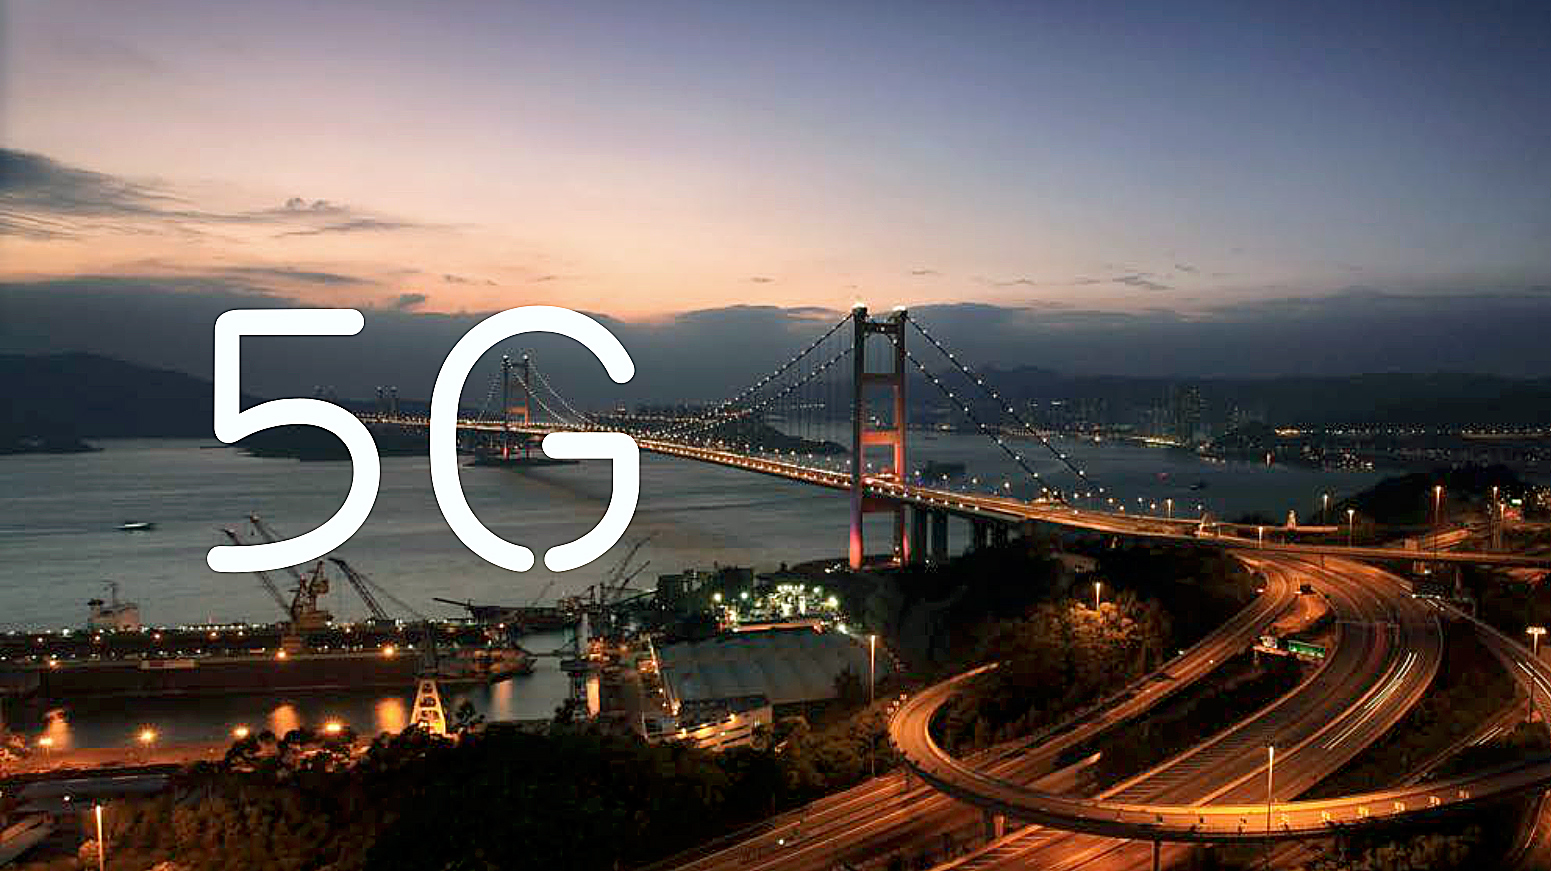 Claro e Ericsson começam a testar 5G no Brasil em 2016 - Tecnoblog